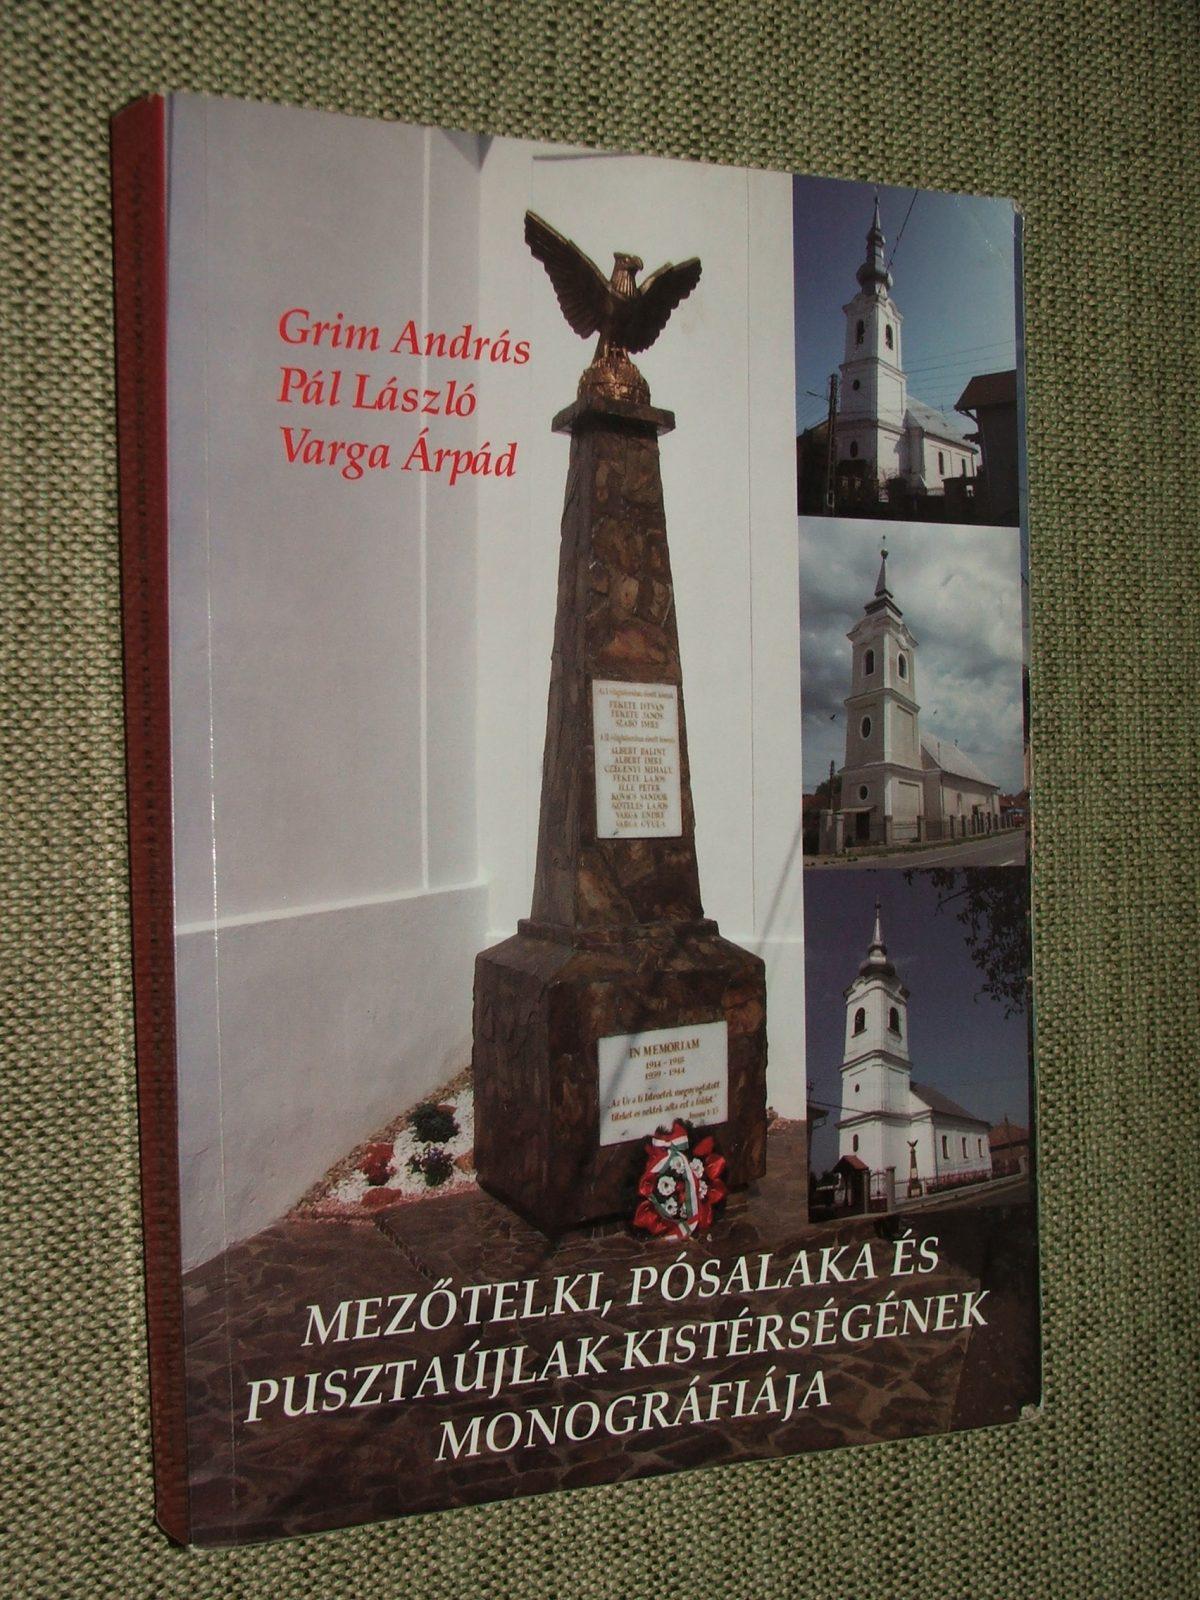 GRIM András, PÁL László, VARGA Árpád: Mezőtelki, Pósalaka és Pusztaújlak kistérségének monográfiája